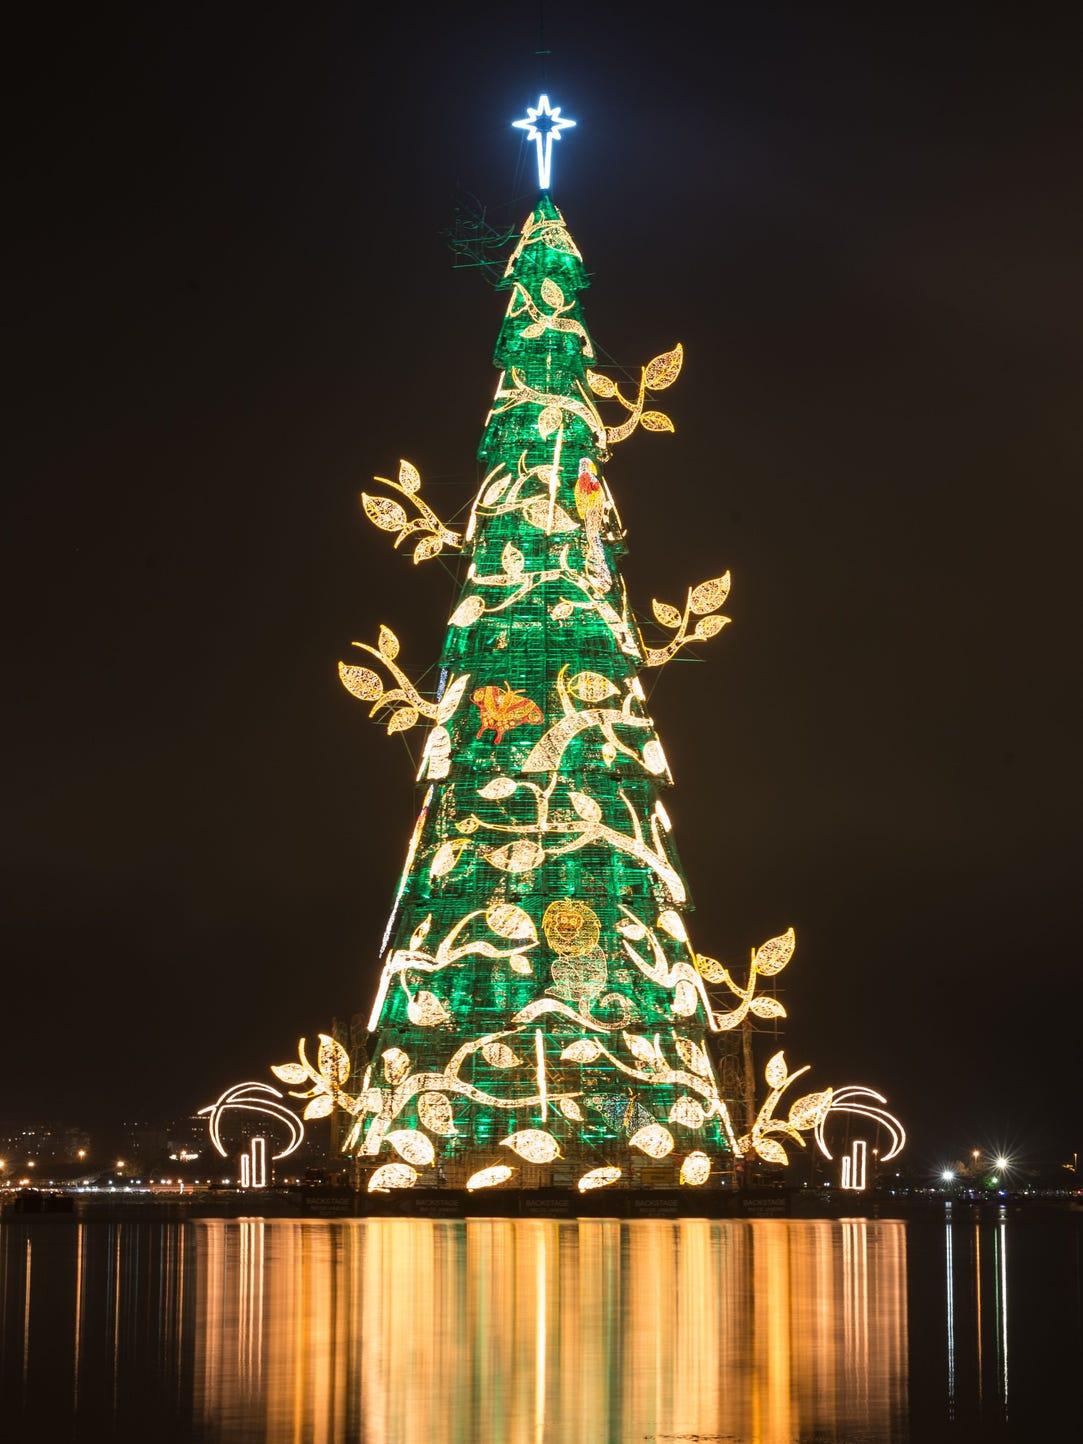 Last year, 3.1 million lights illuminated the giant